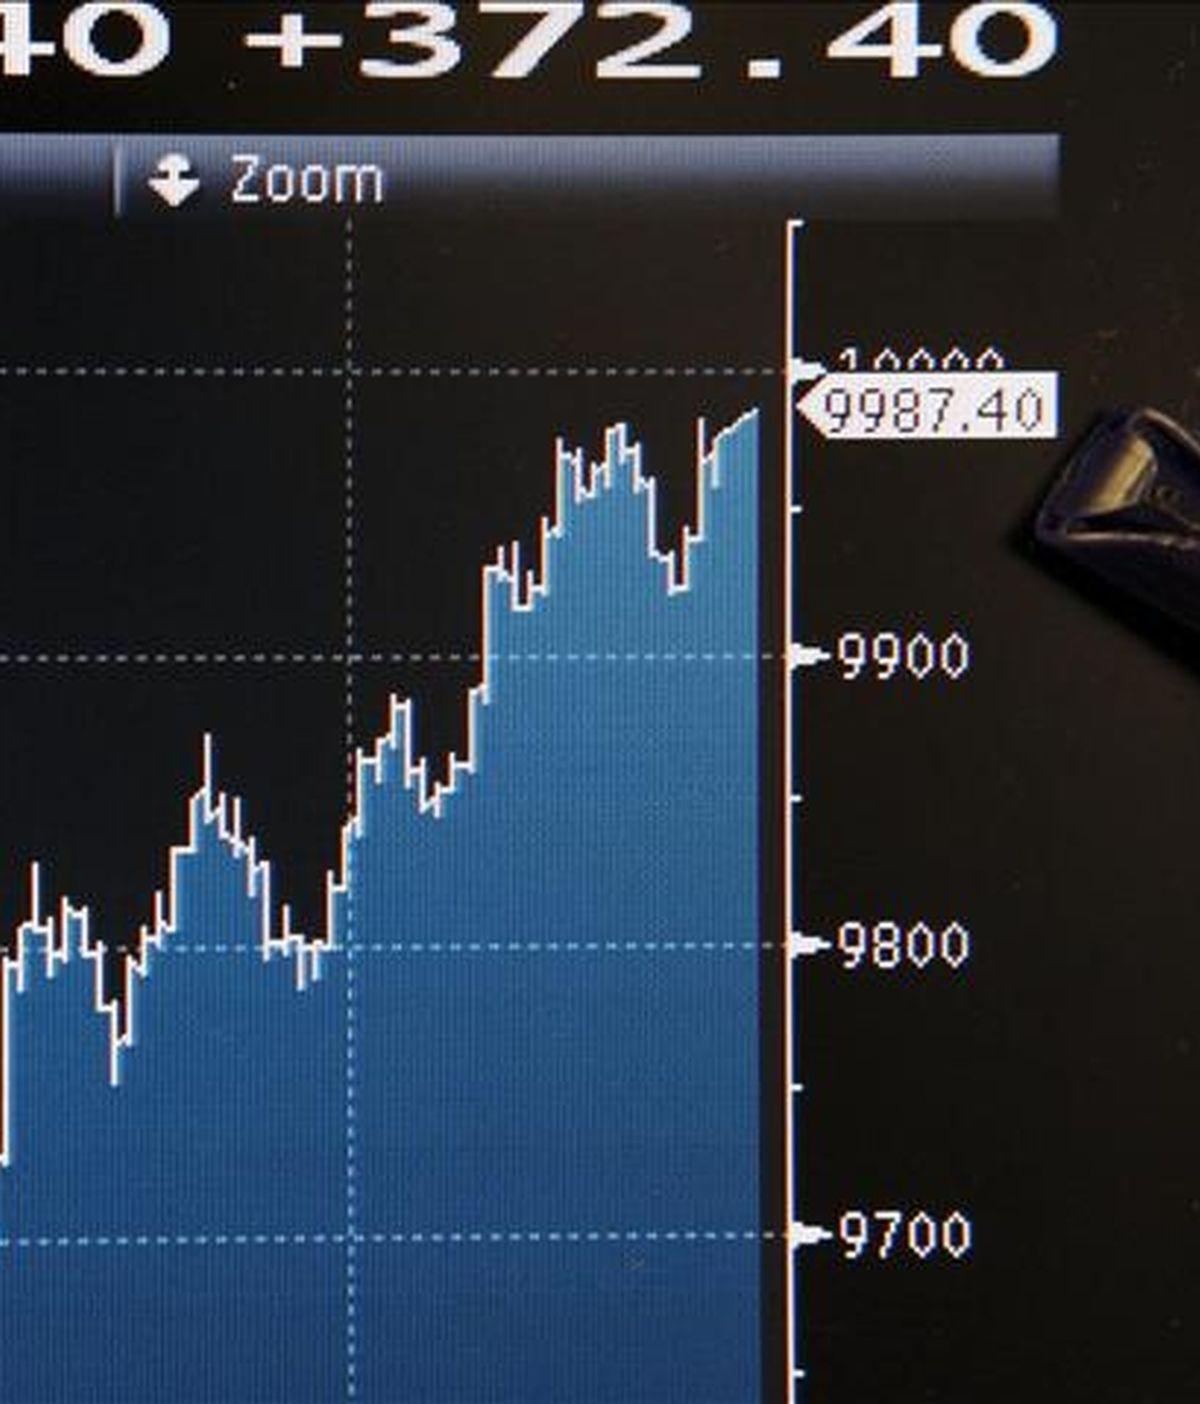 Imagen de un panel informativo tomada hoy que indica una subida de 372,40 puntos en el Ibex-35, equivalente al 3,87 por ciento, hasta alcanzar los 9.987,40 puntos, lo que la convierte en la tercera mayor subida del año. Todos los grandes valores del Ibex subieron hoy: Santander se revalorizó el 6,47 por ciento; BBVA, el 6,25 por ciento; Iberdrola, el 3,80 por ciento, y Telefónica y Repsol YPF, el 2,96 por ciento. EFE